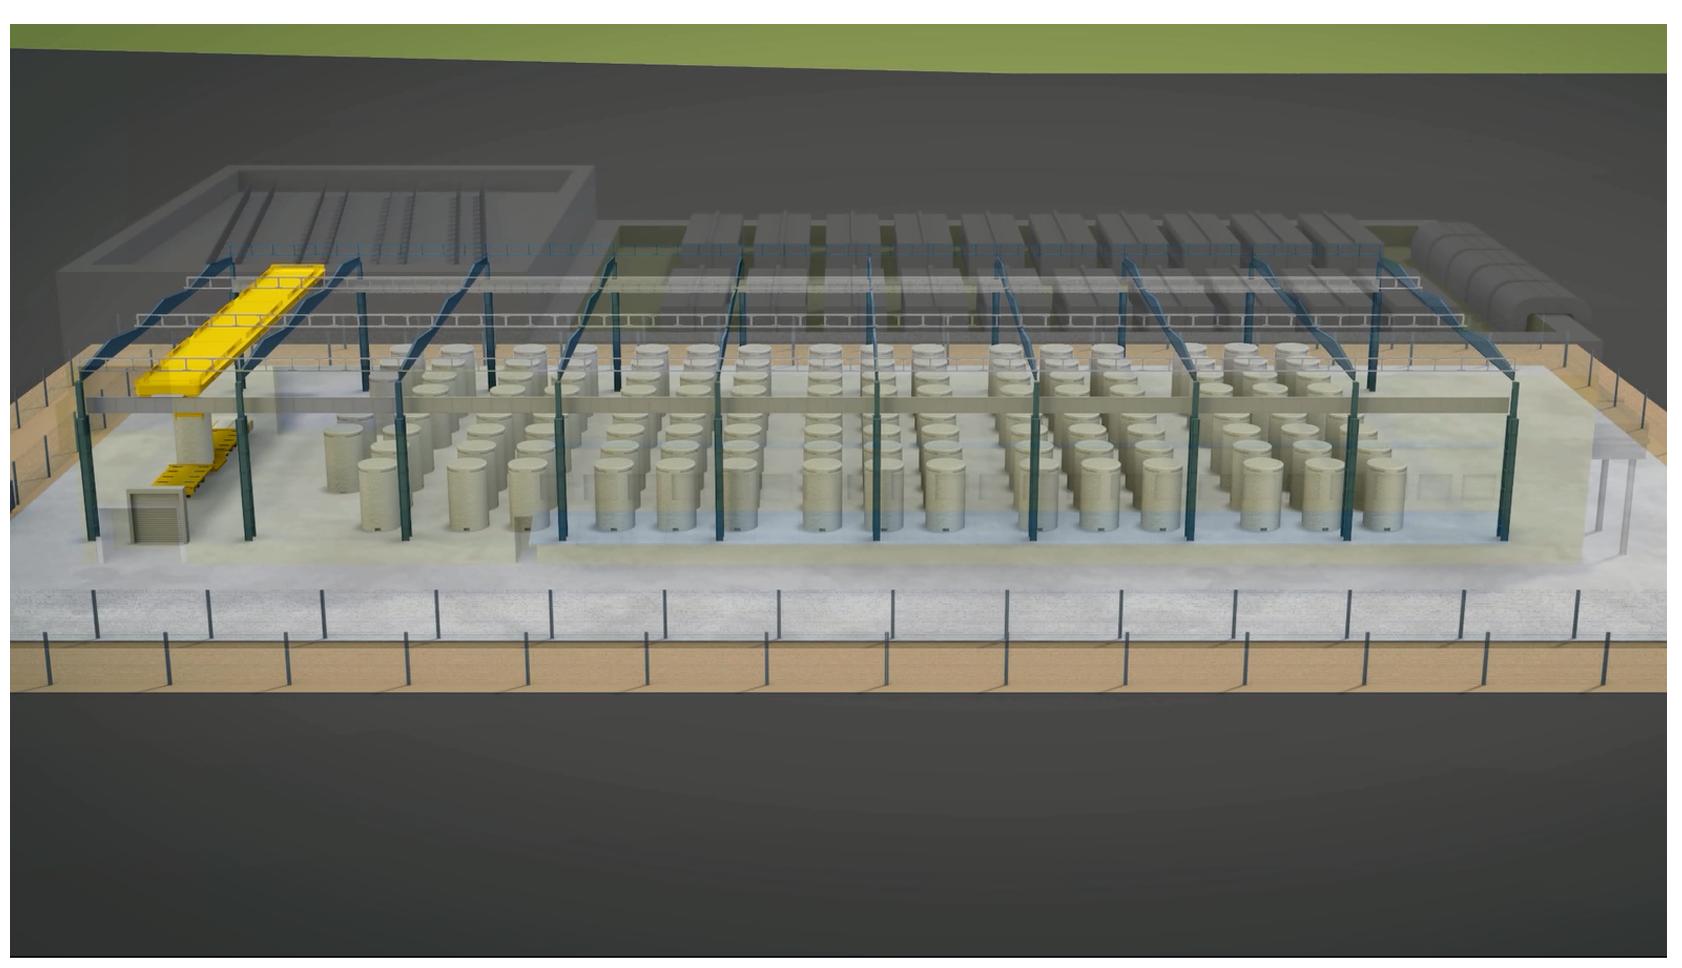 第2期-室內乾式貯存設施透視圖